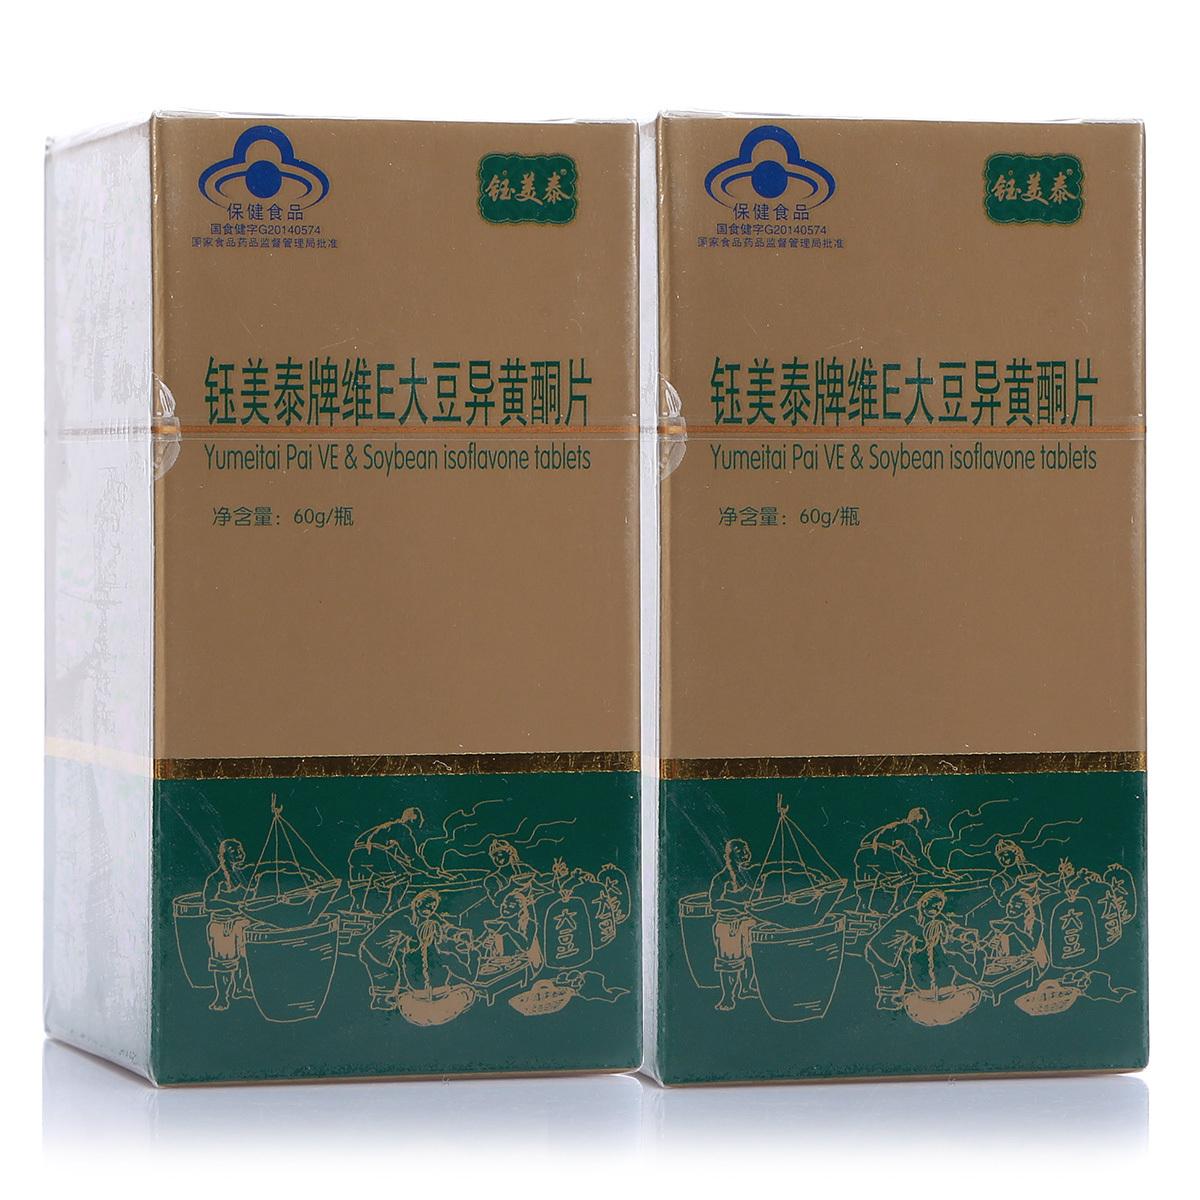 玉の美しい泰の札の維Eダイズのイソフラボンの切れの0.5 g/切れ*120切れ/瓶